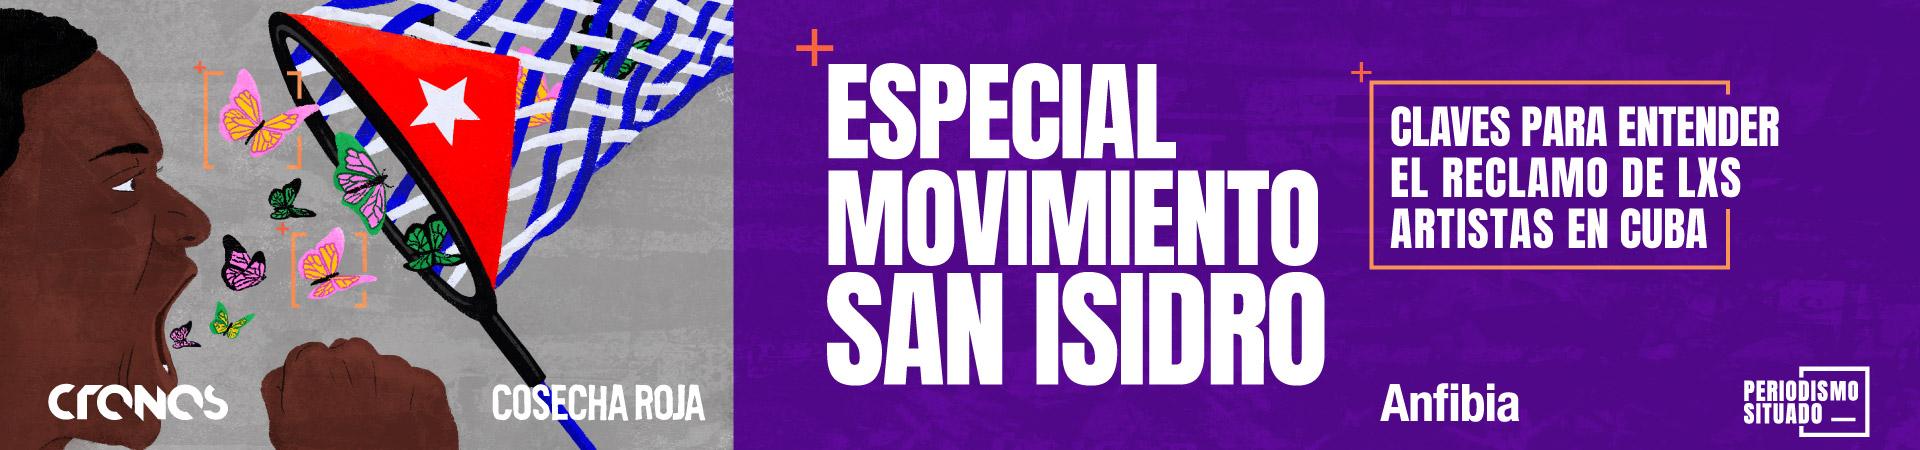 ESPECIAL-MOVIMIENTO-SAN-ISIDRO_Periodismo_Situado